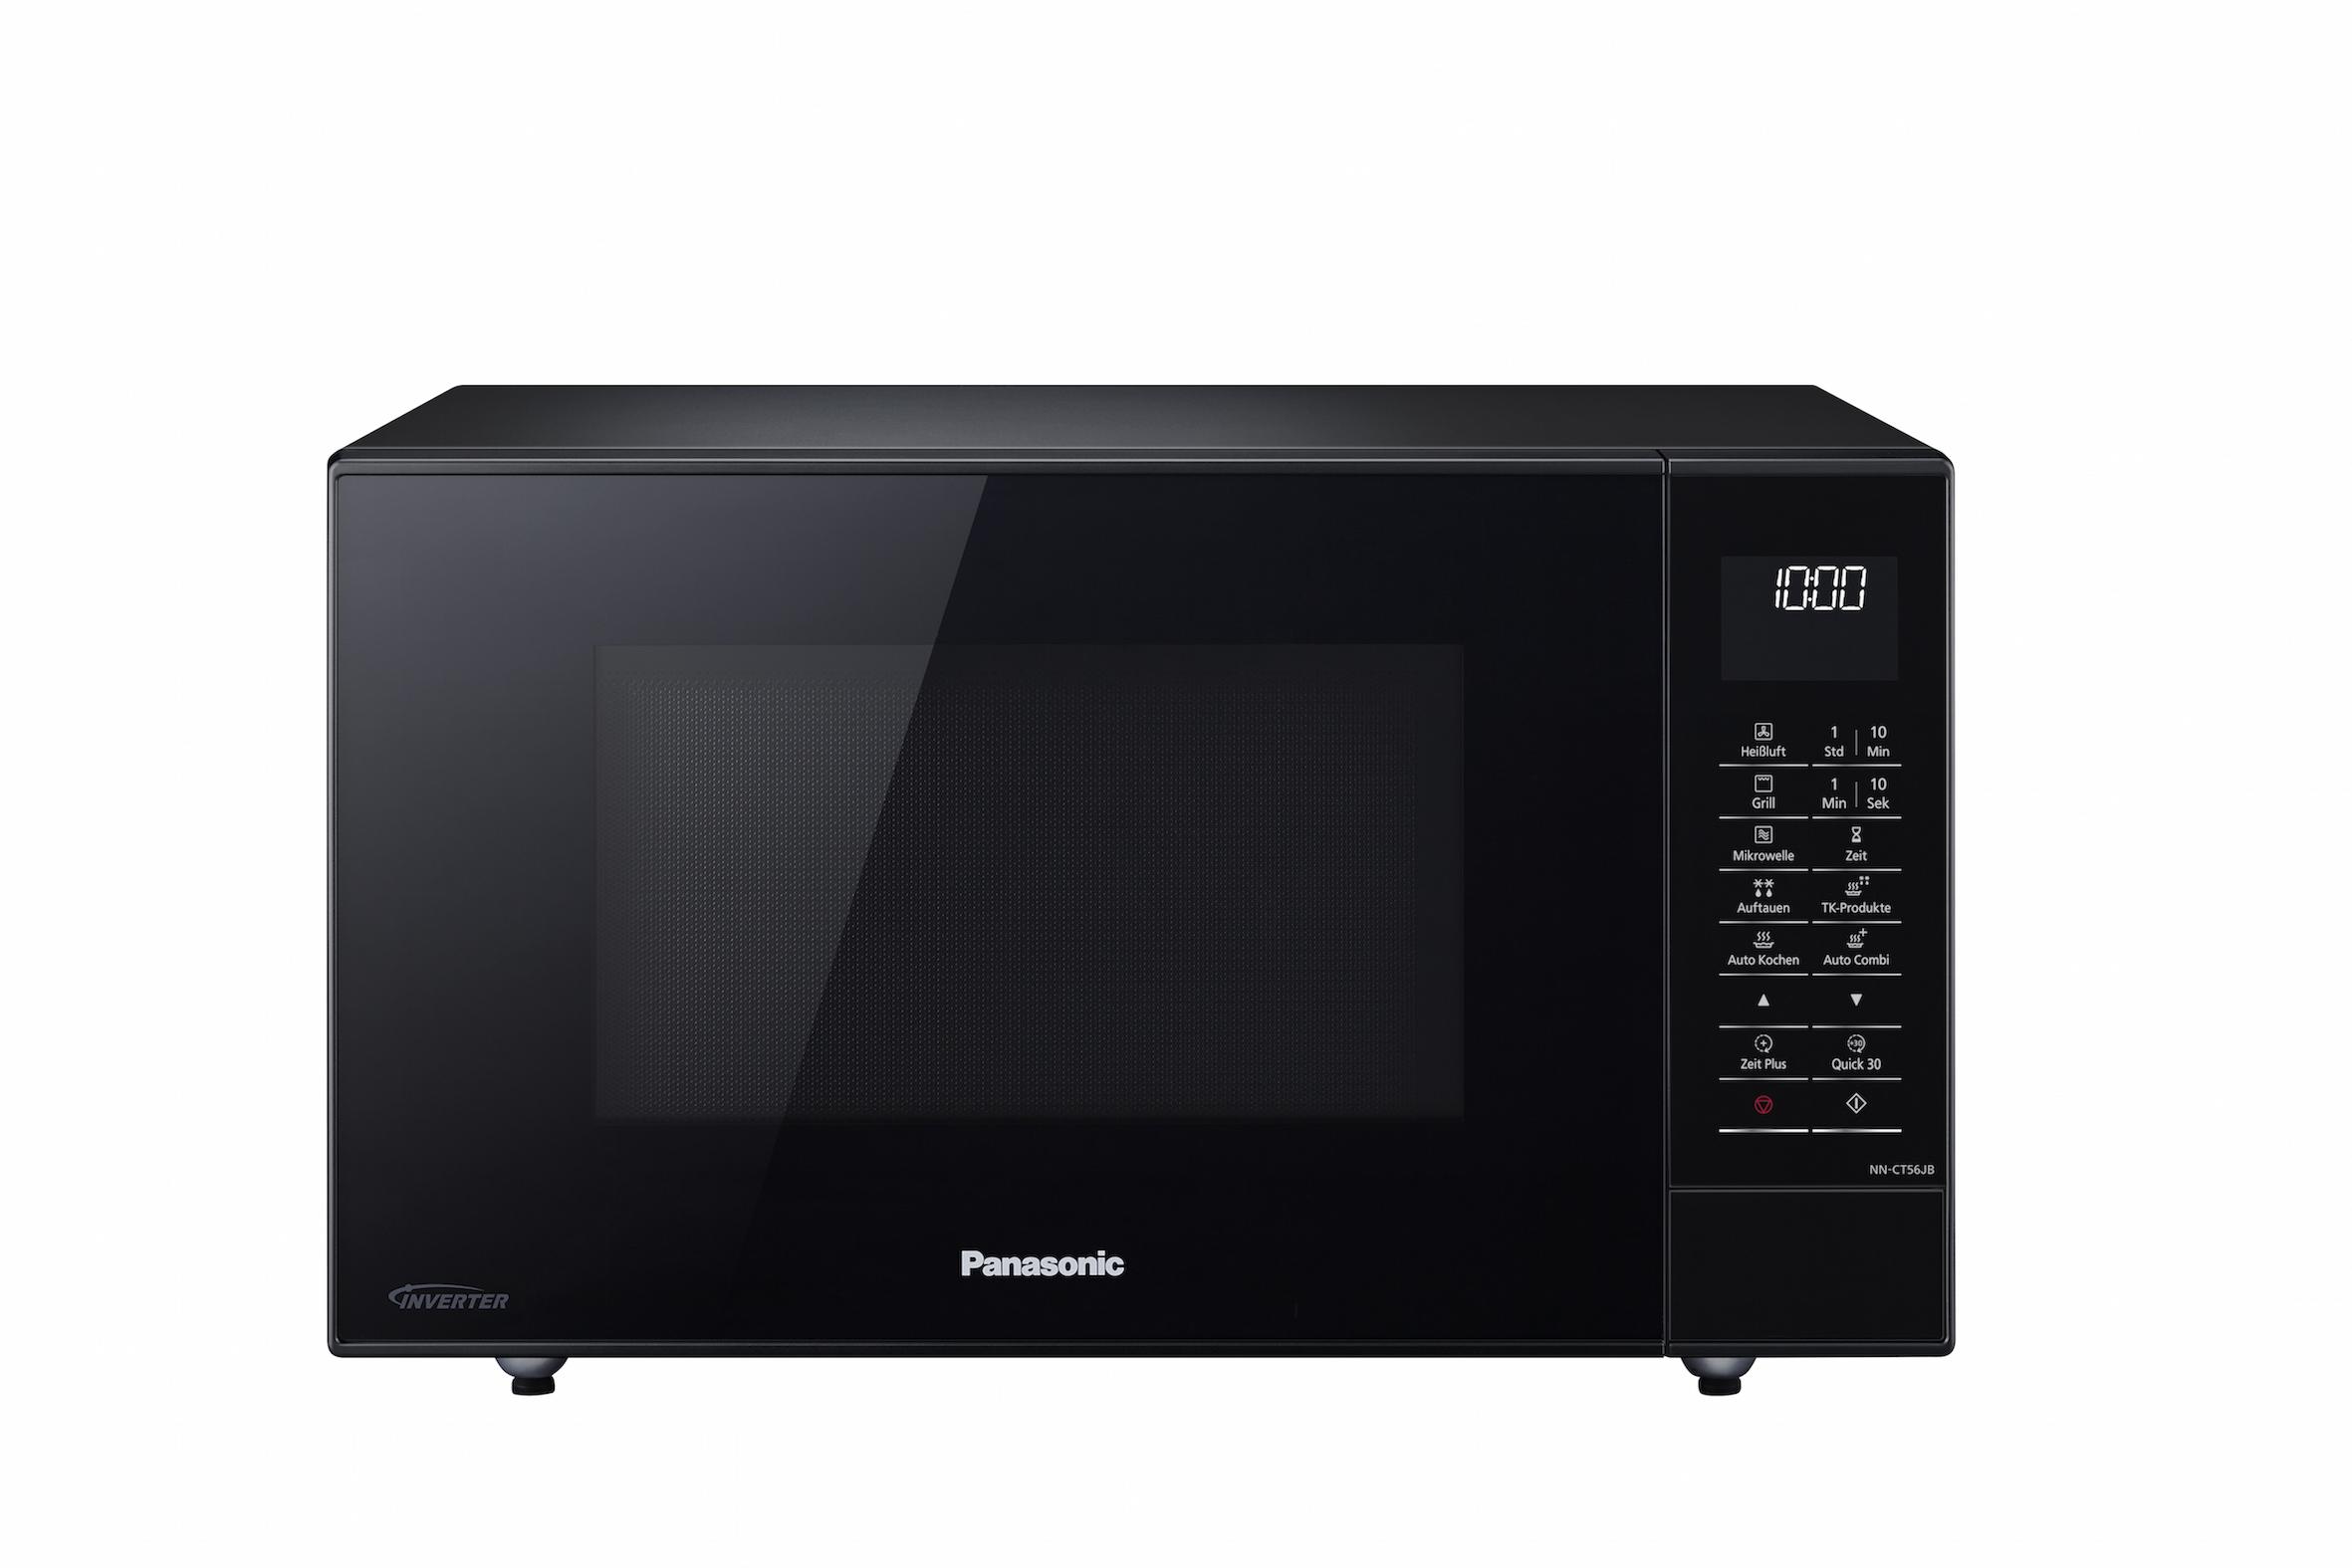 Panasonic kombigerate nn ct56 und nn ct57 zum backen for Mikrowelle zum backen und grillen